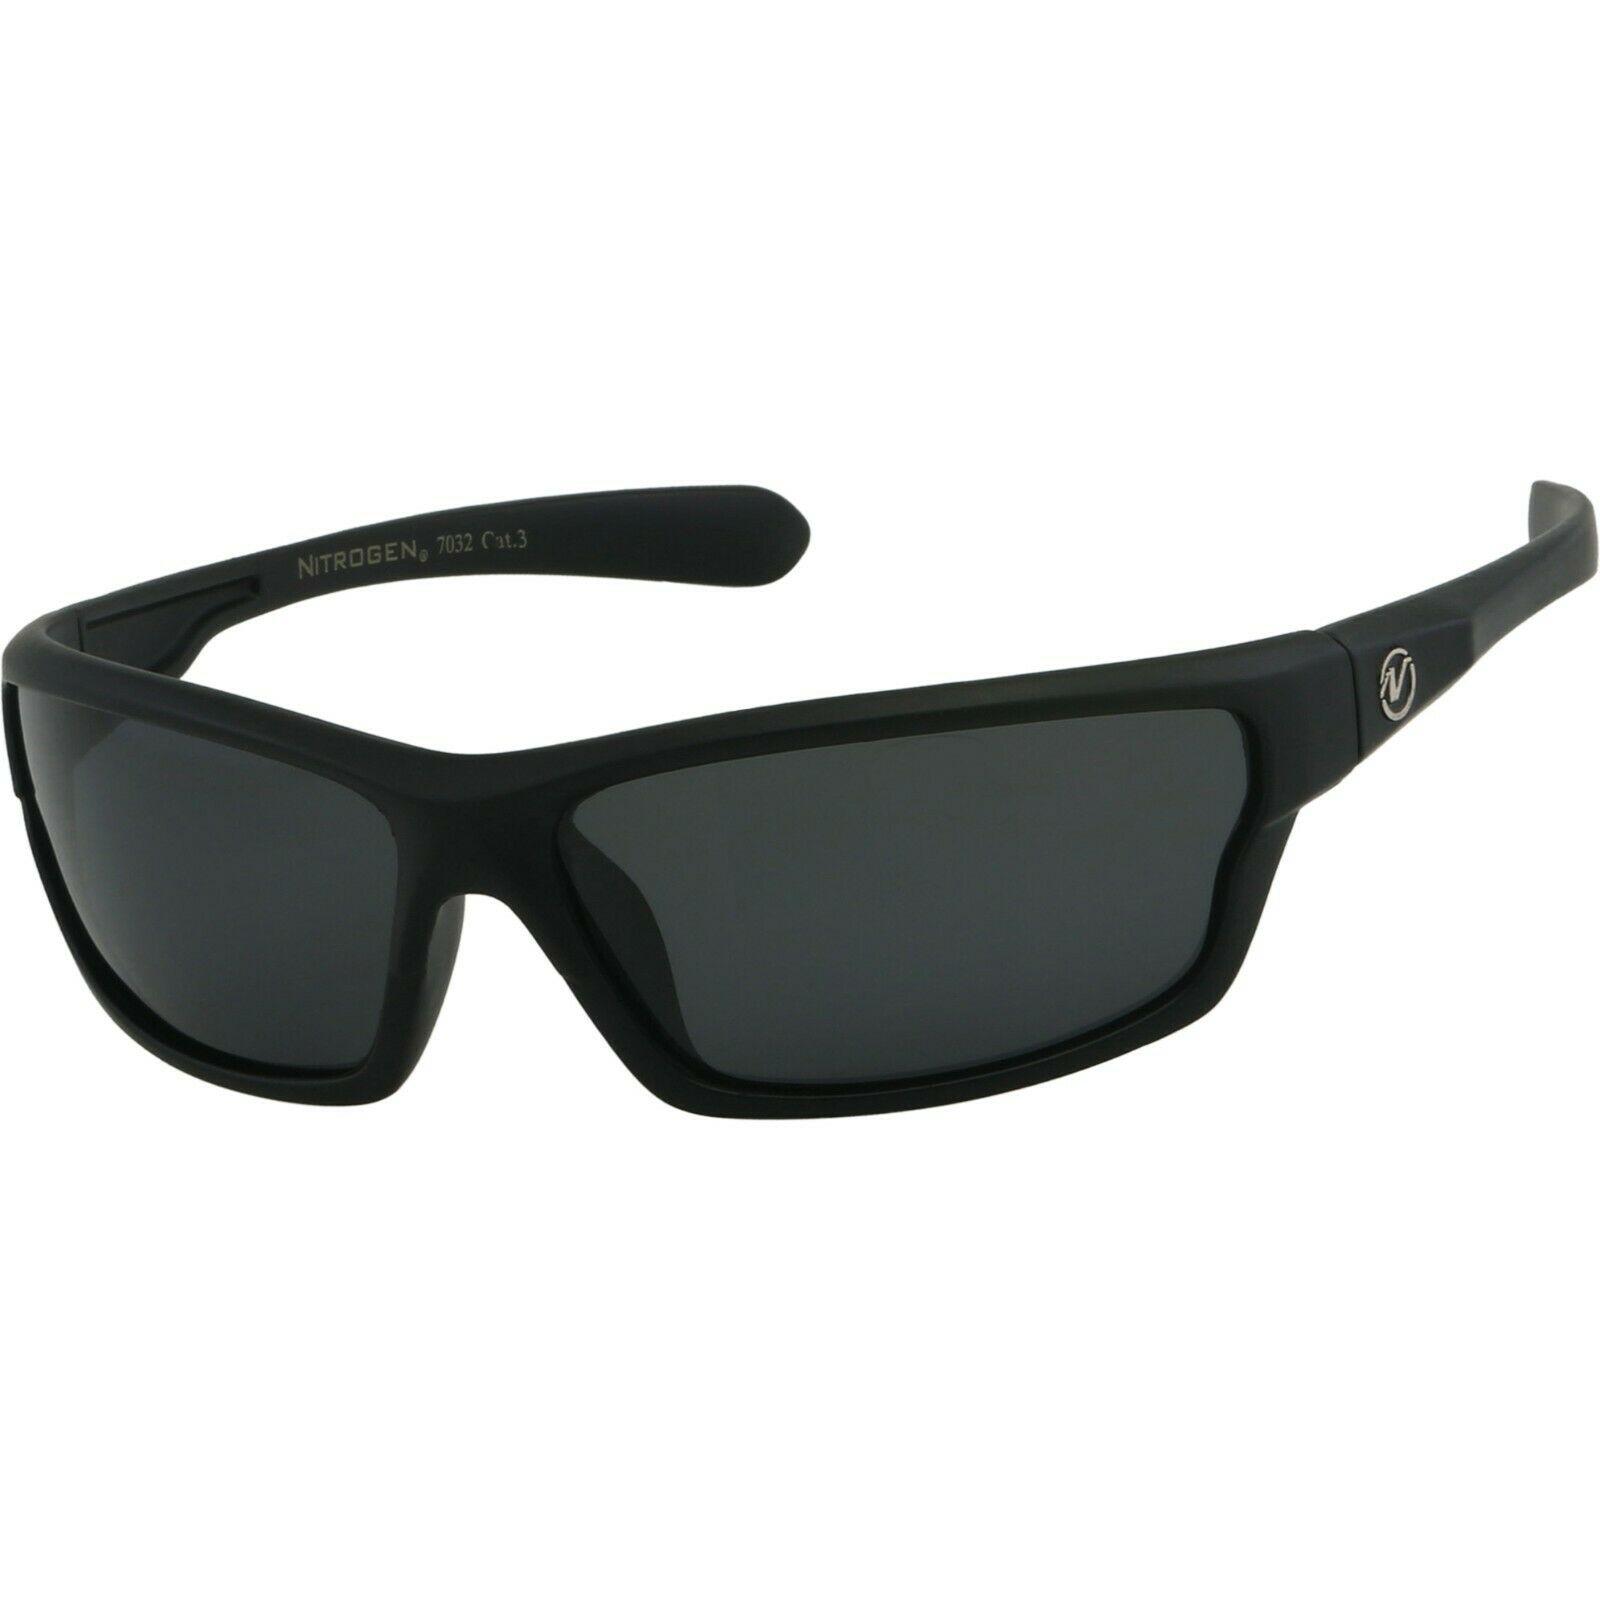 Impact NITRO™ Polarized UV400 Rubberized Sunglasses